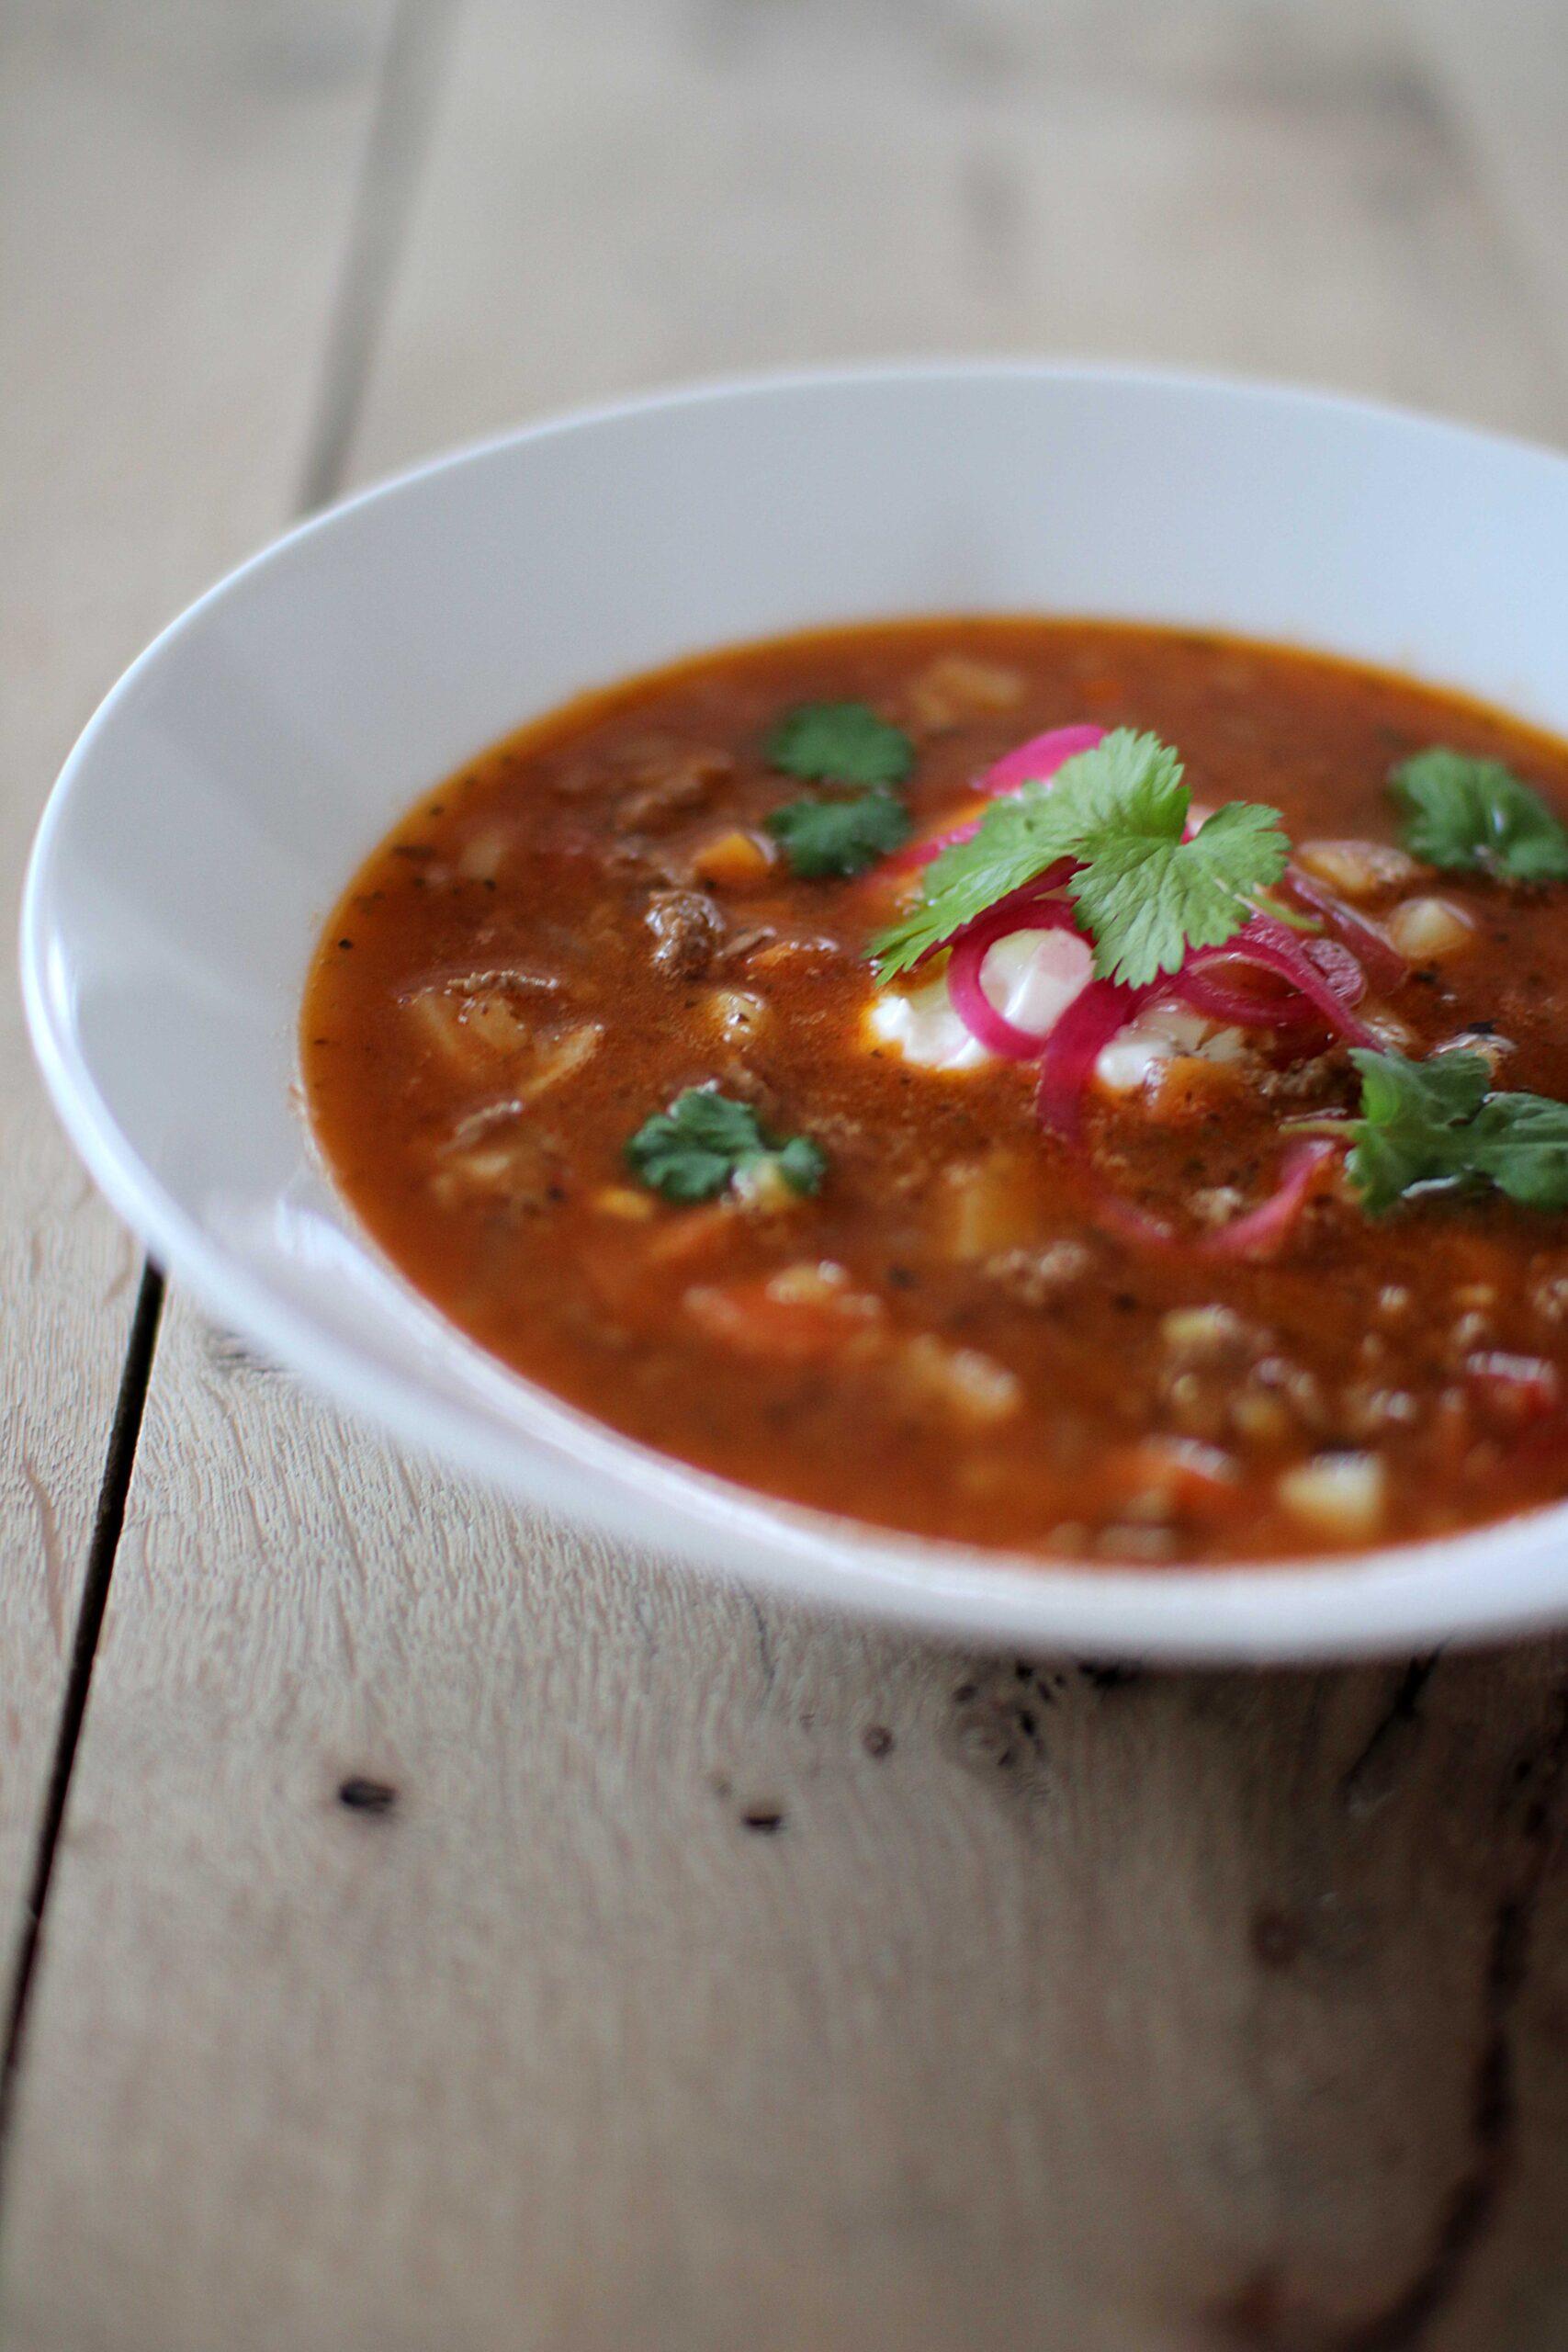 Köttfärssoppa med mexikansk touch